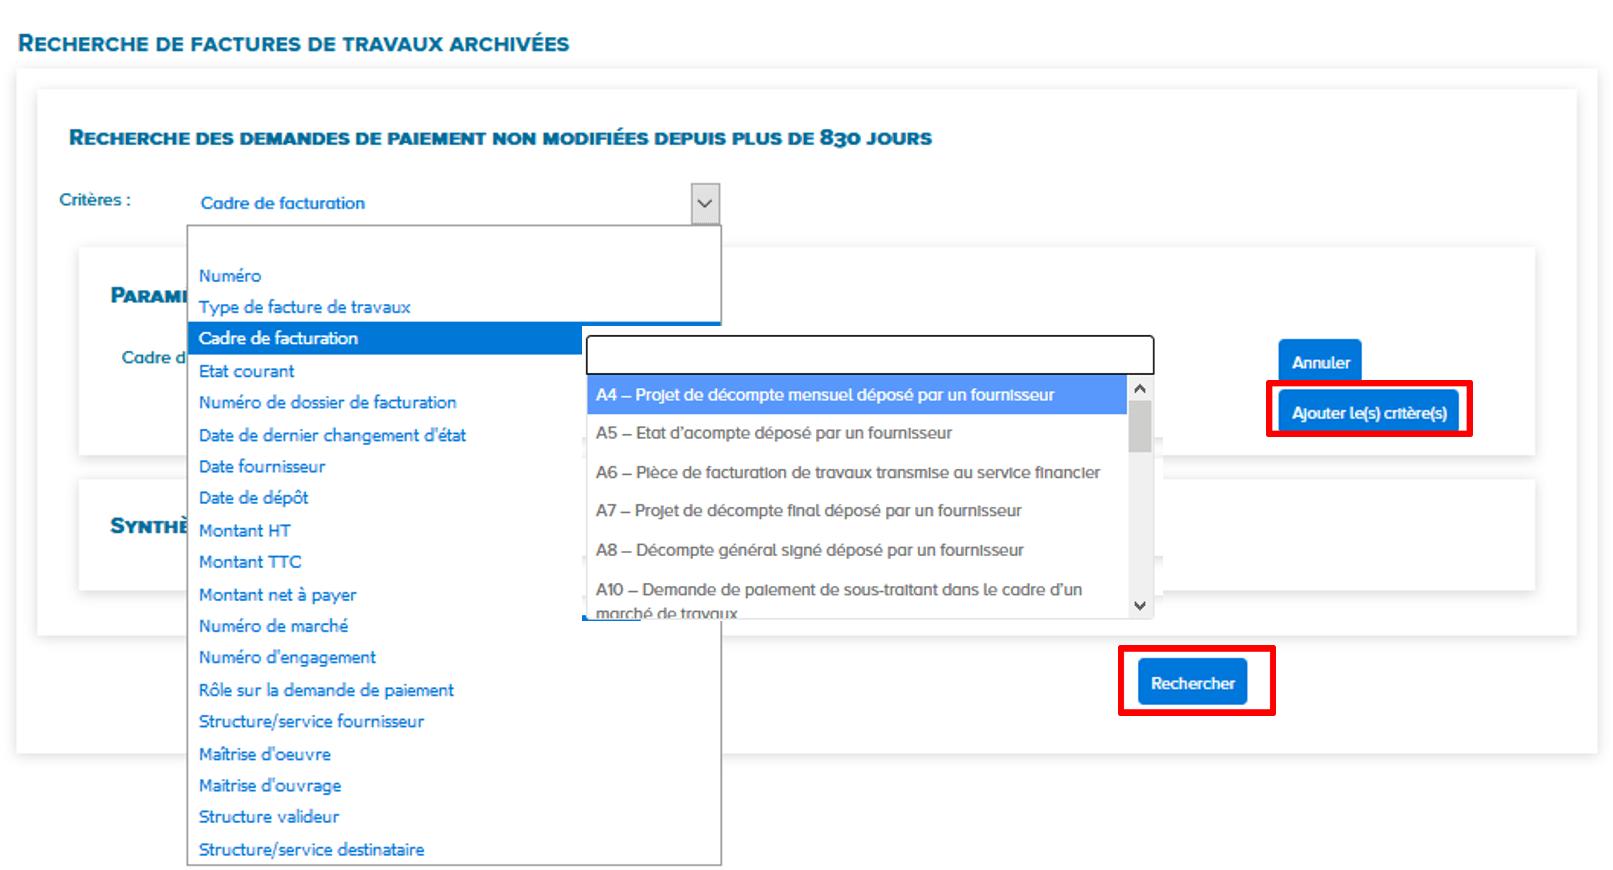 choisir les critères pour rechercher une facture archivée